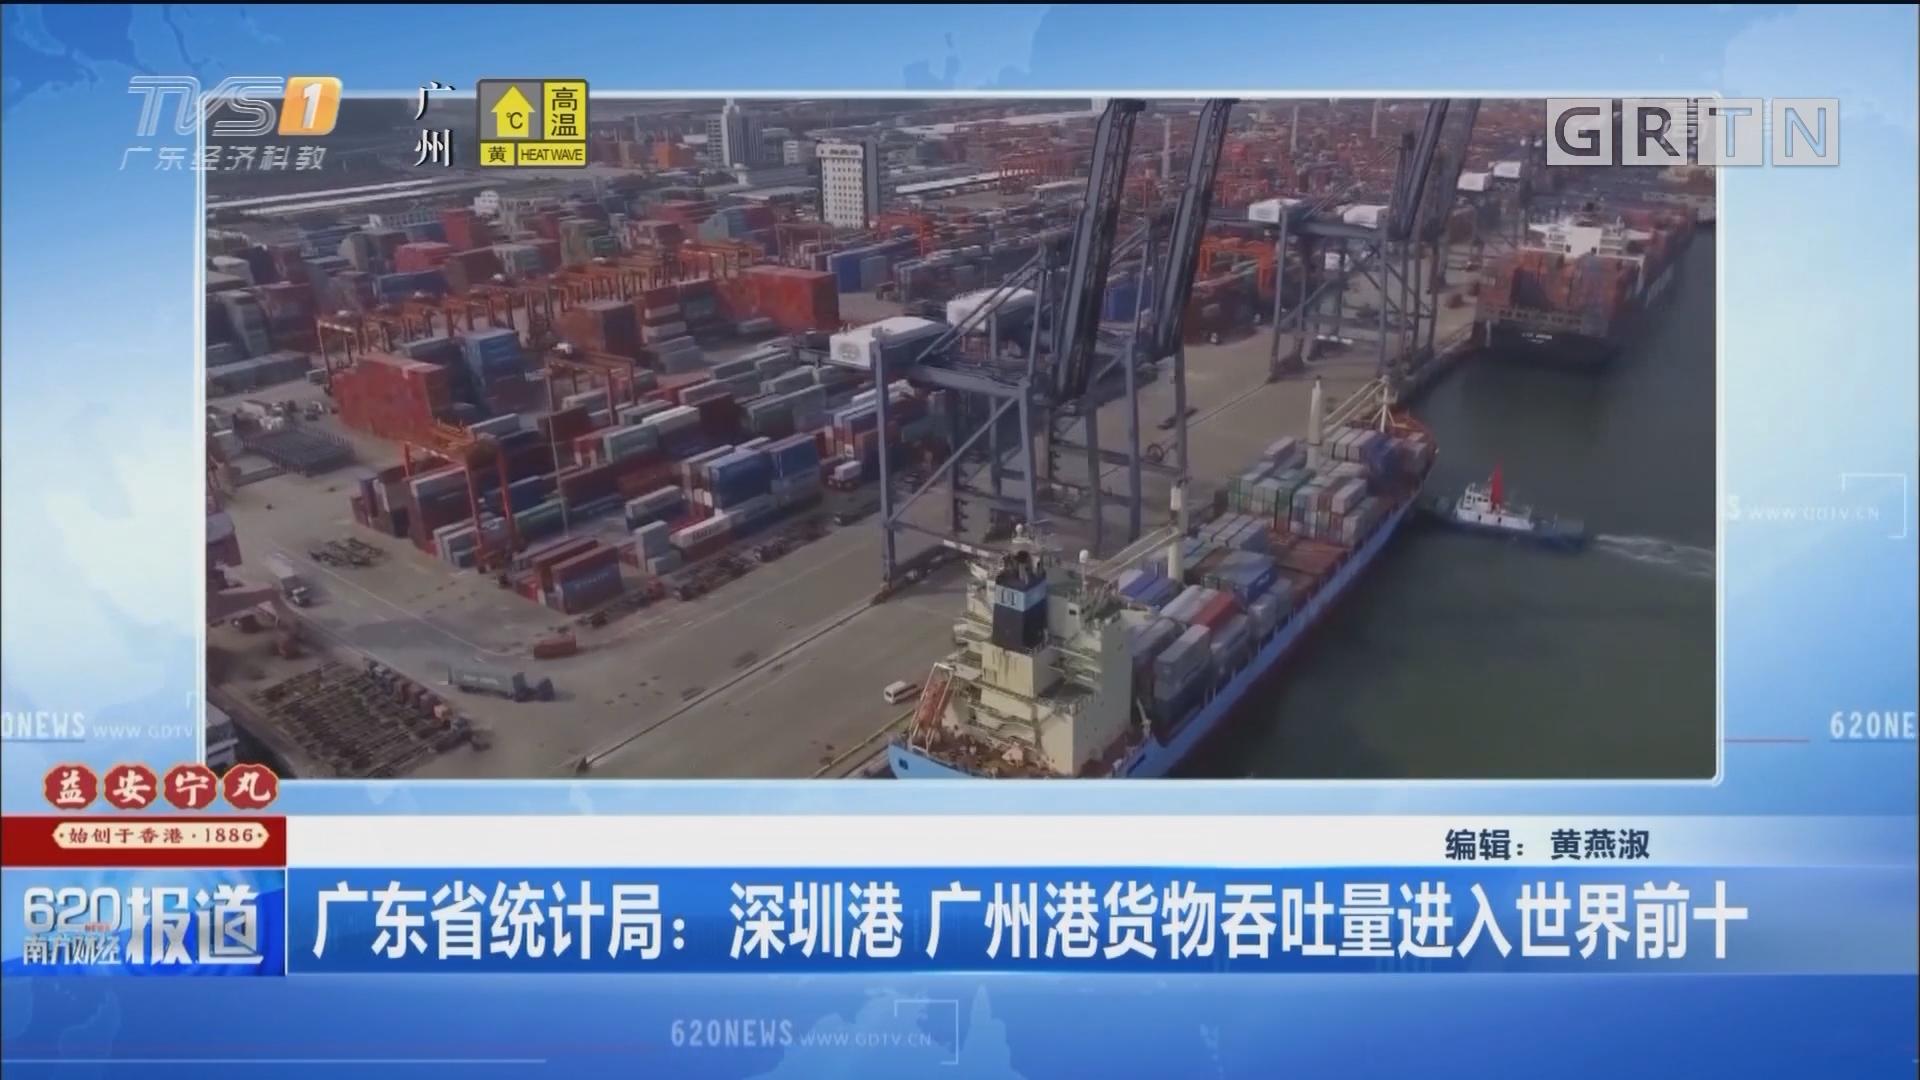 广东省统计局:深圳港 广州港货物吞吐量进入世界前十